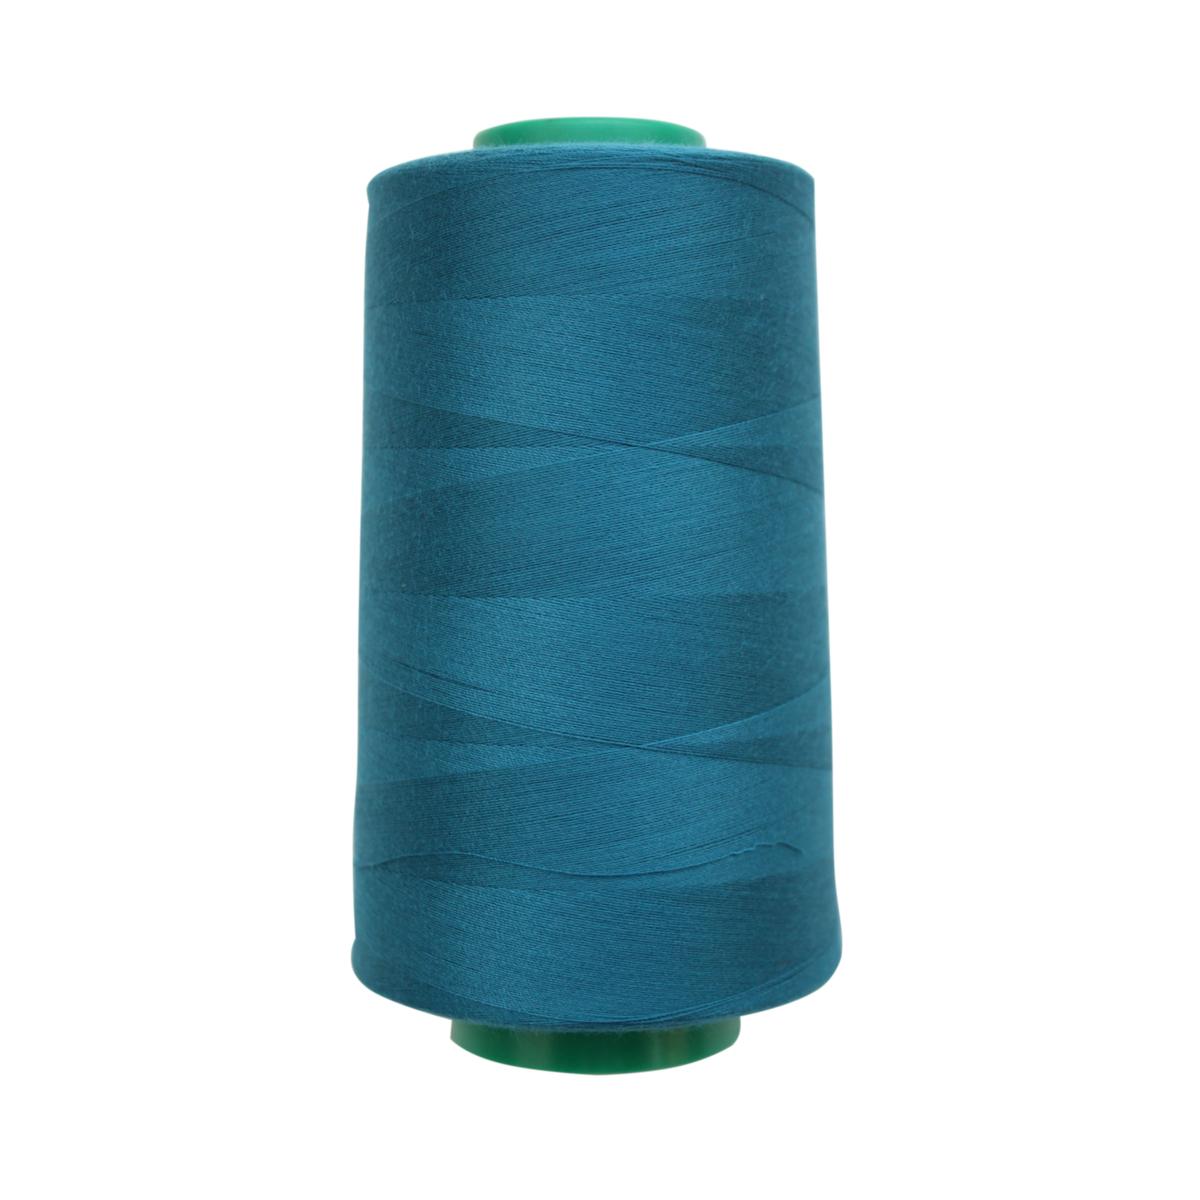 Нитки для шитья Bestex 50/2, 5000 ярд, цвет: ярк.сапфир (112)7700936-112Сфера использования: трикотаж; ткани малого веса; оверлочные швы; отделка краев; вышивка. Размер игл №70-80